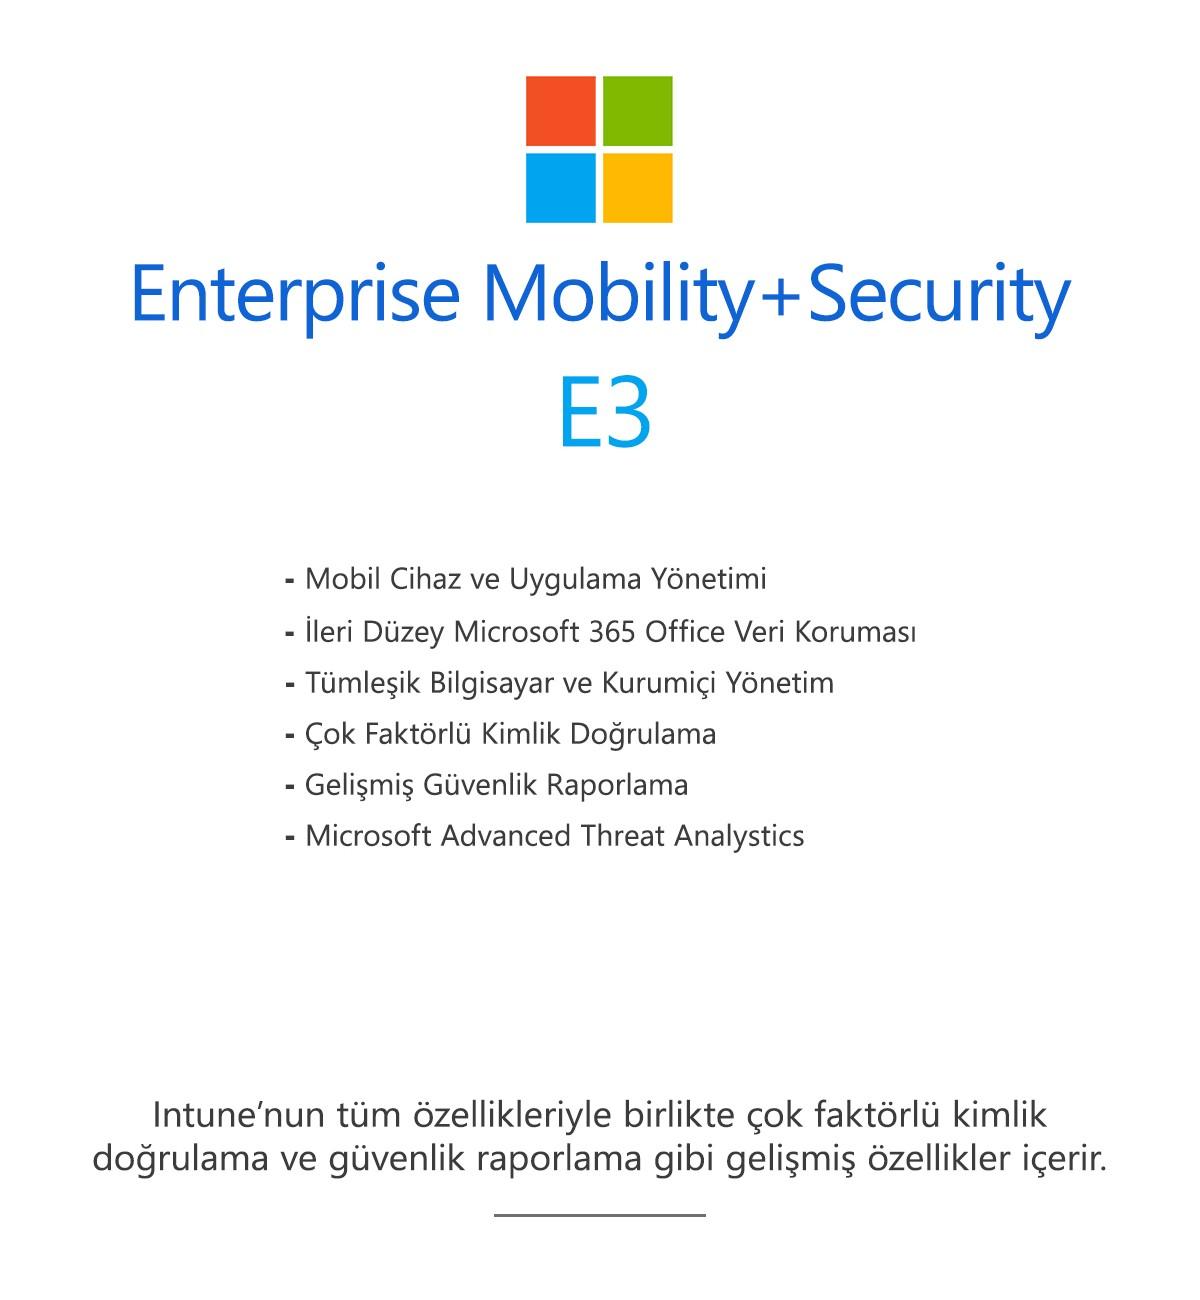 Enterprise Mobility+Security E3